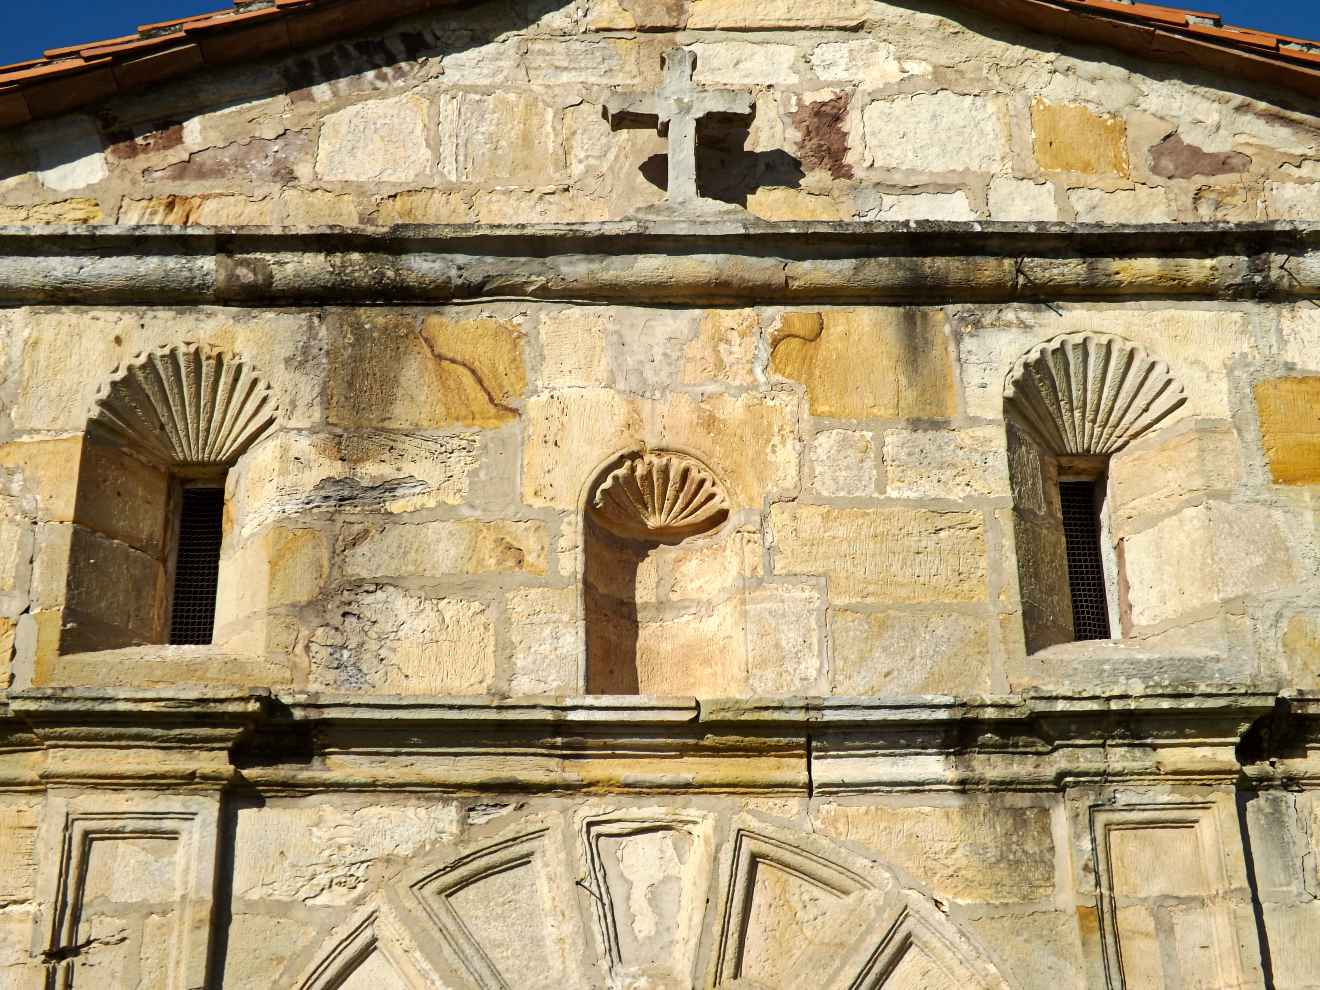 Detalle de la capilla de la Virgen de las Nieves